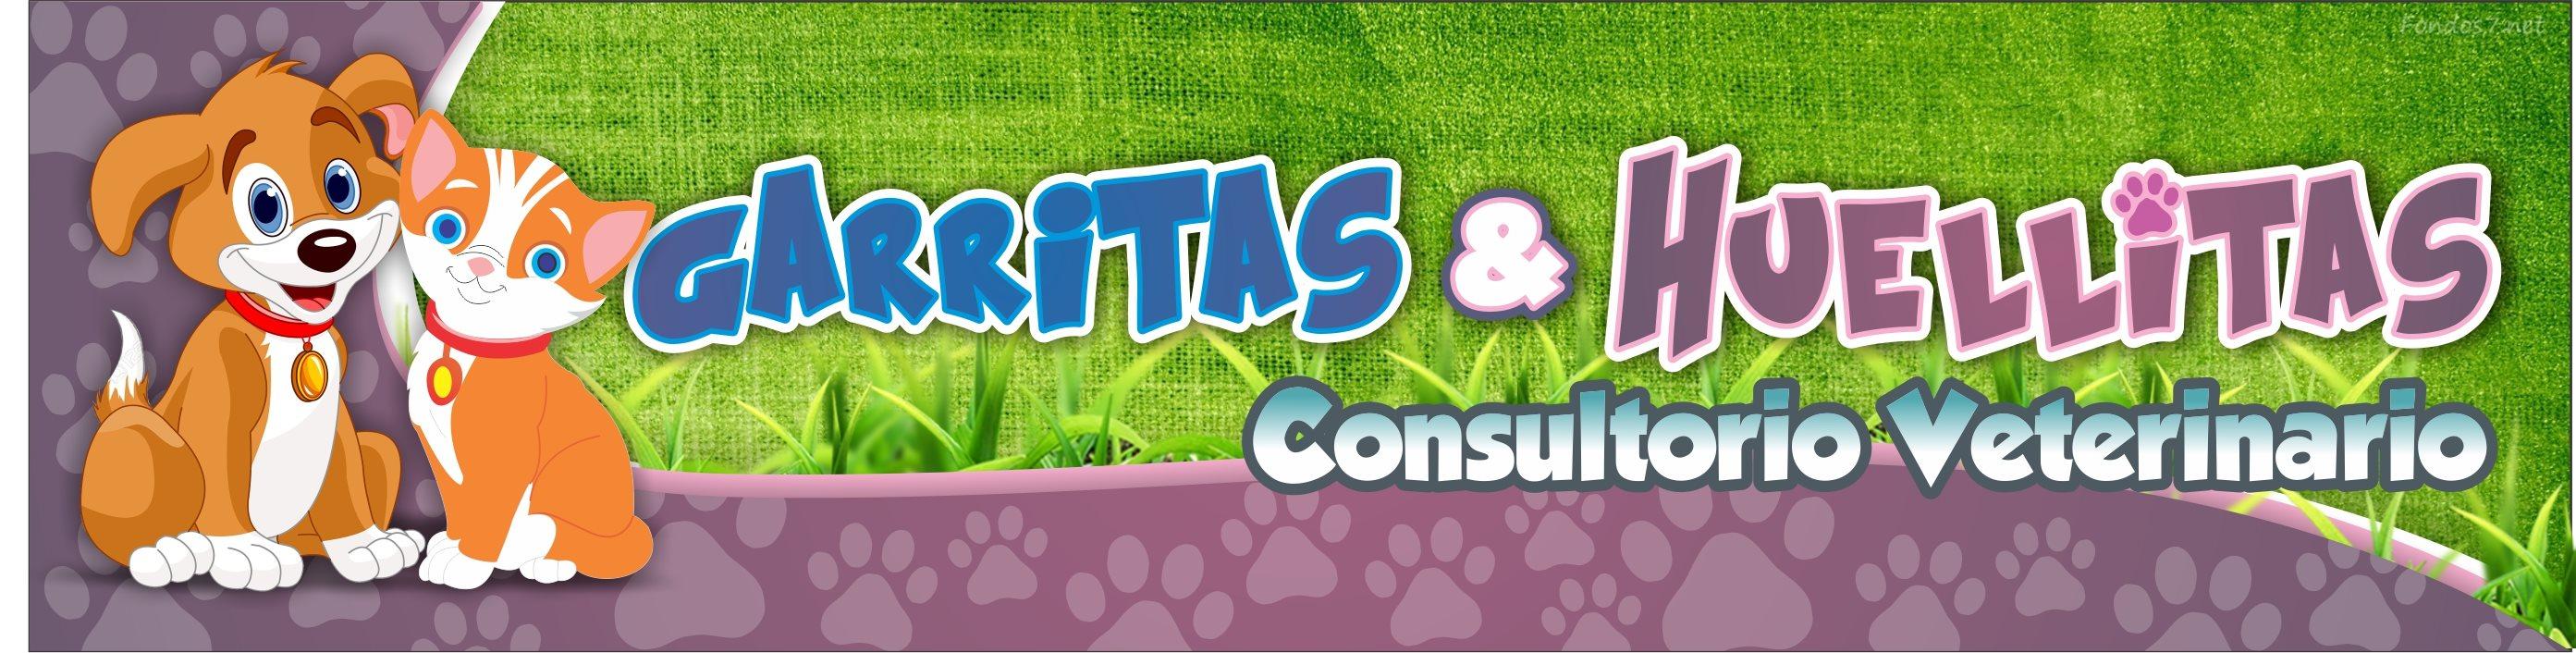 Consultorio Veterinario Garritas y Huellitas